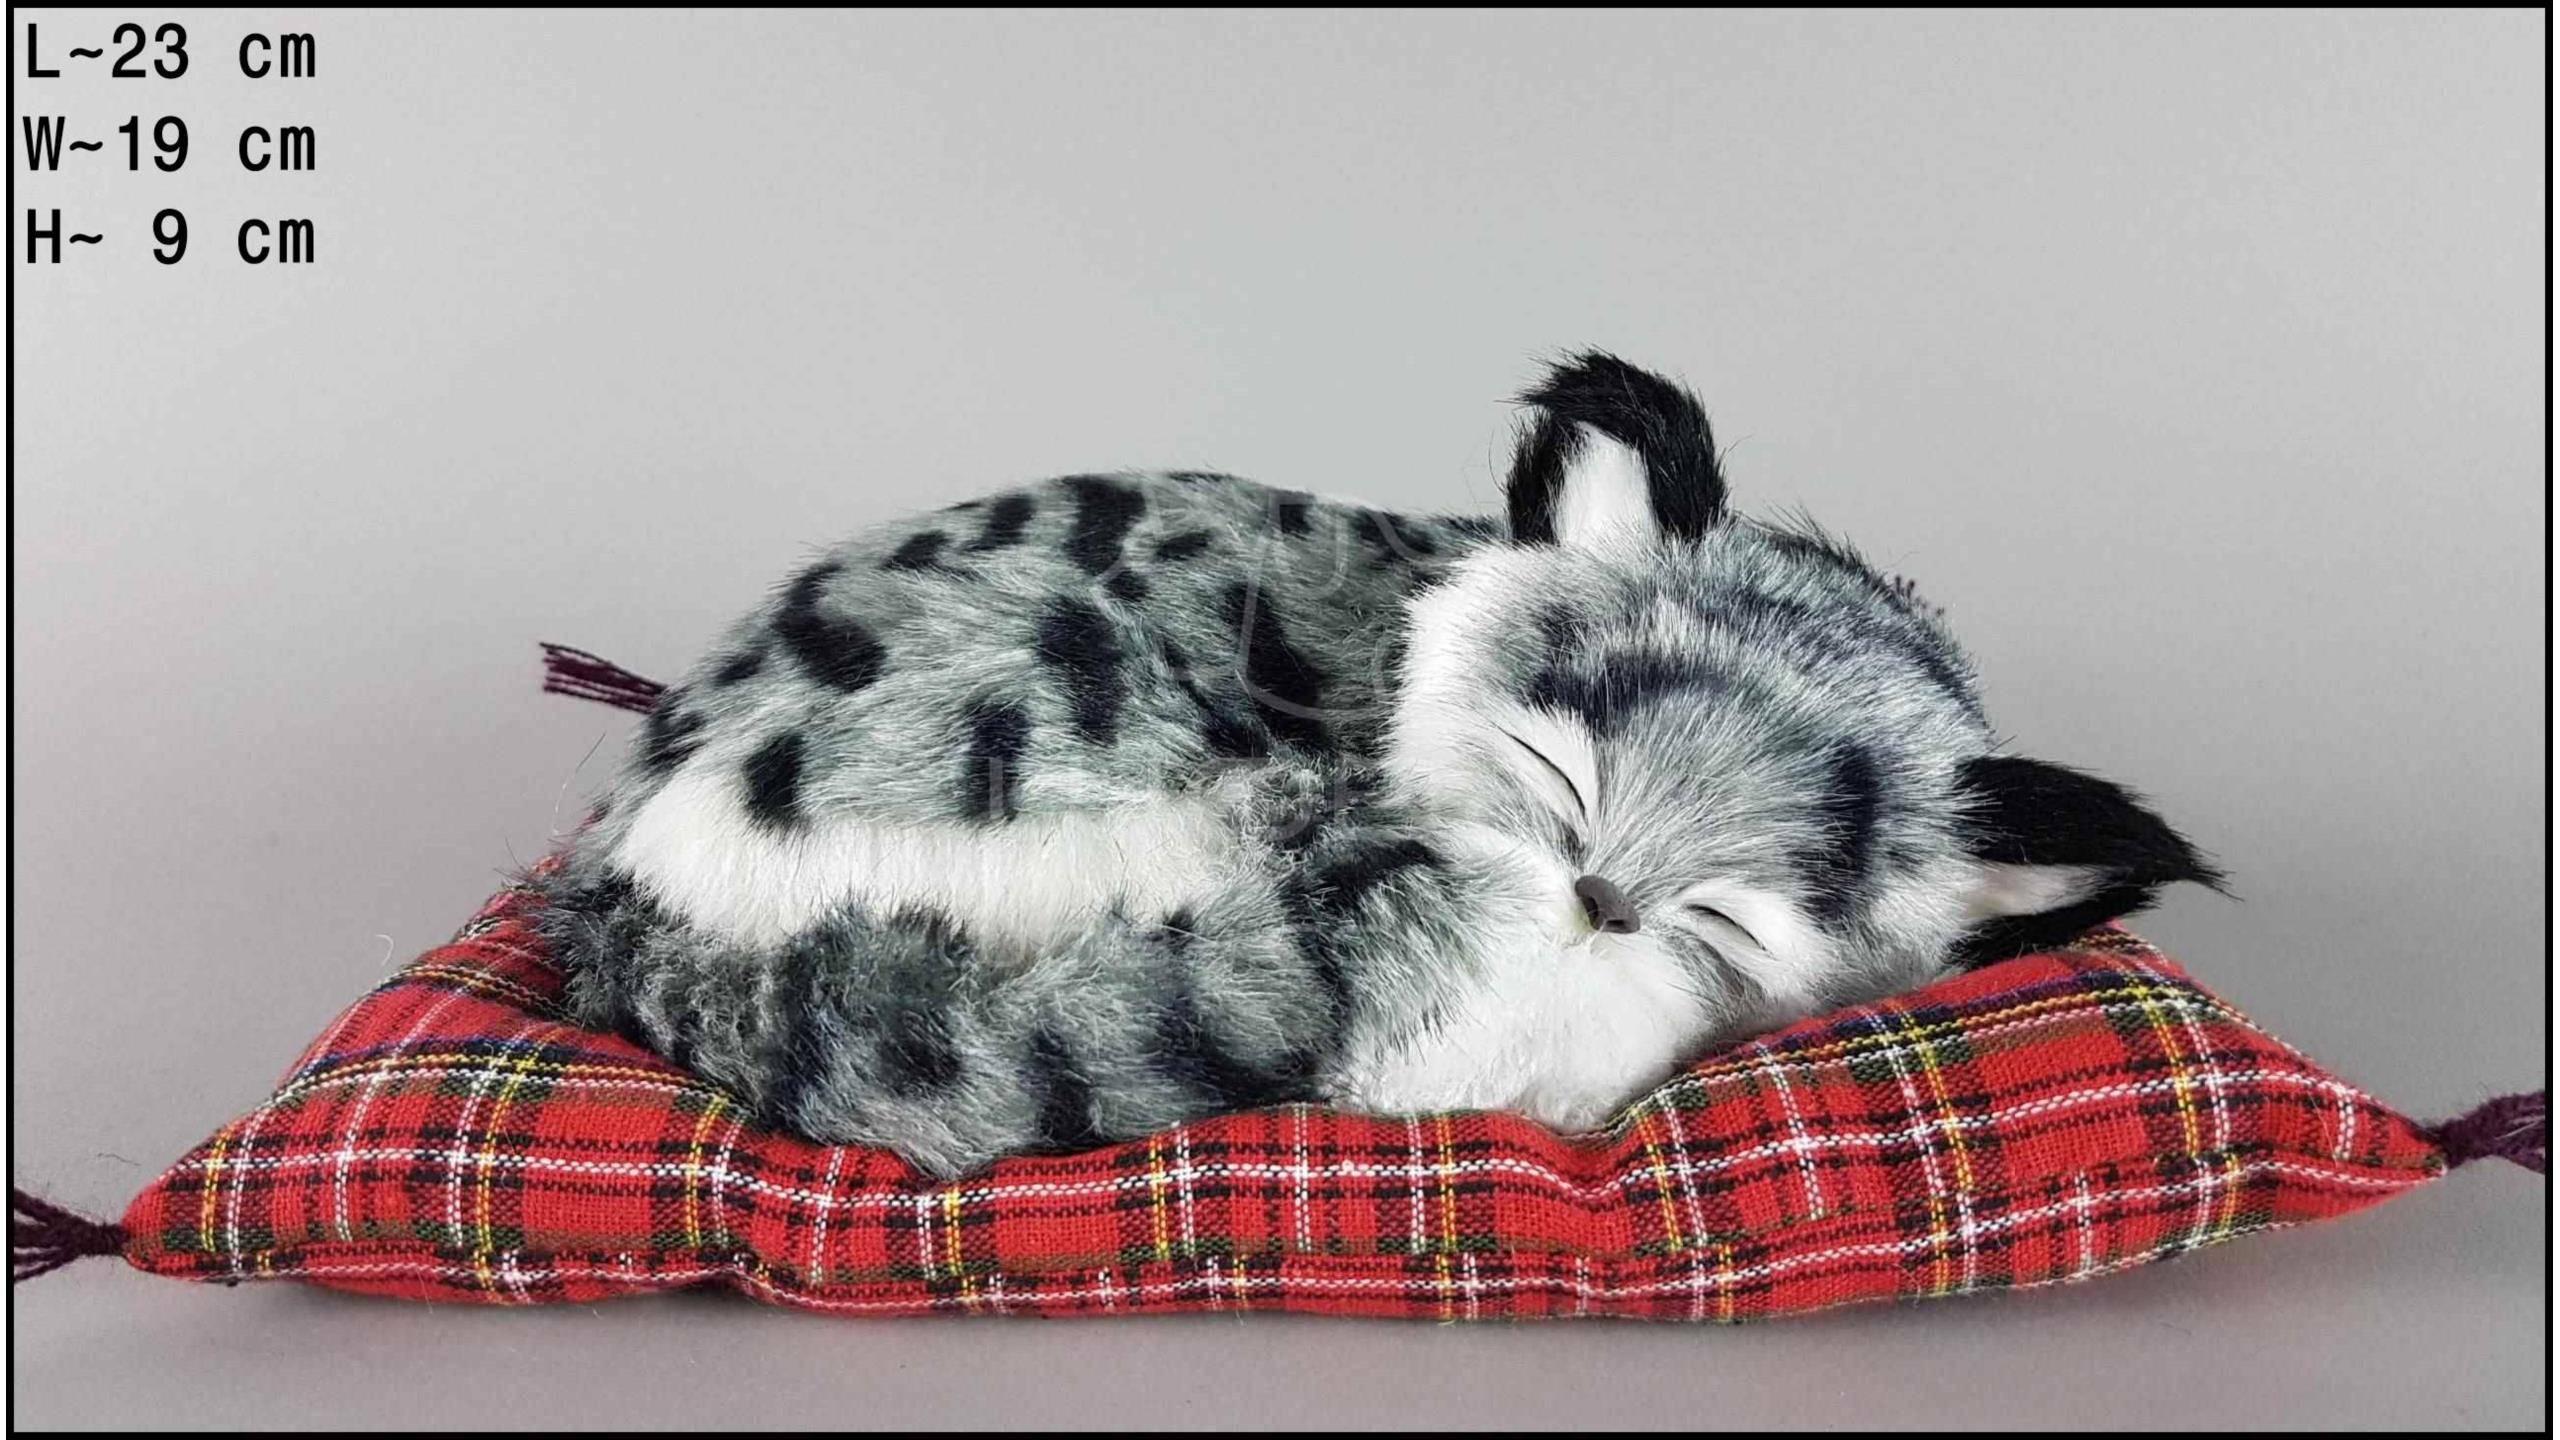 Можно ли спать вместе с котом? и в чем опасность?